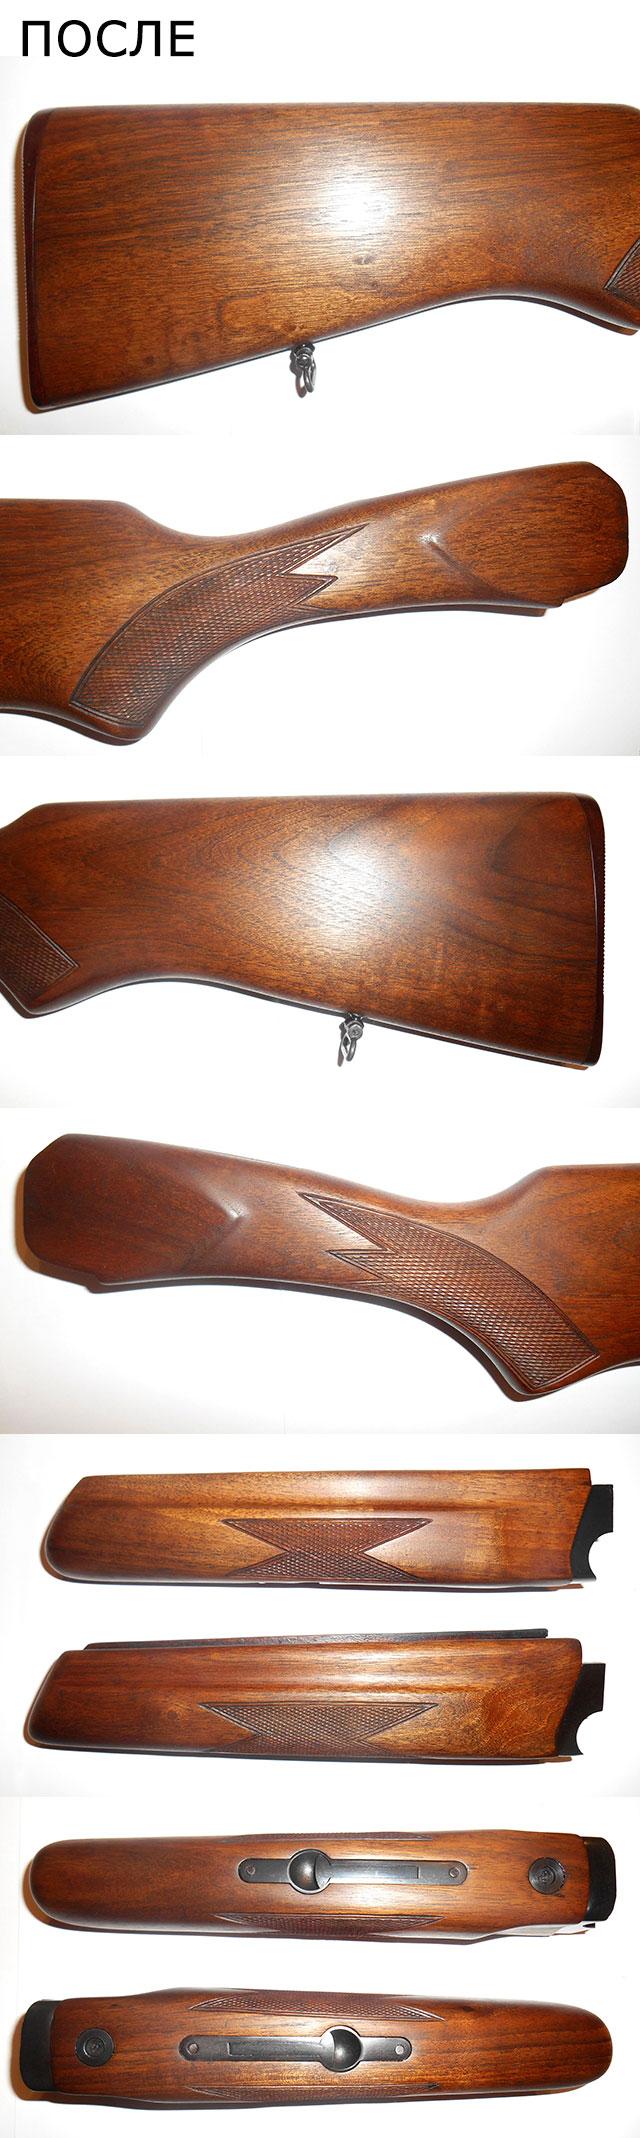 Приклад и цевье ружья ИЖ-94 после реставрации